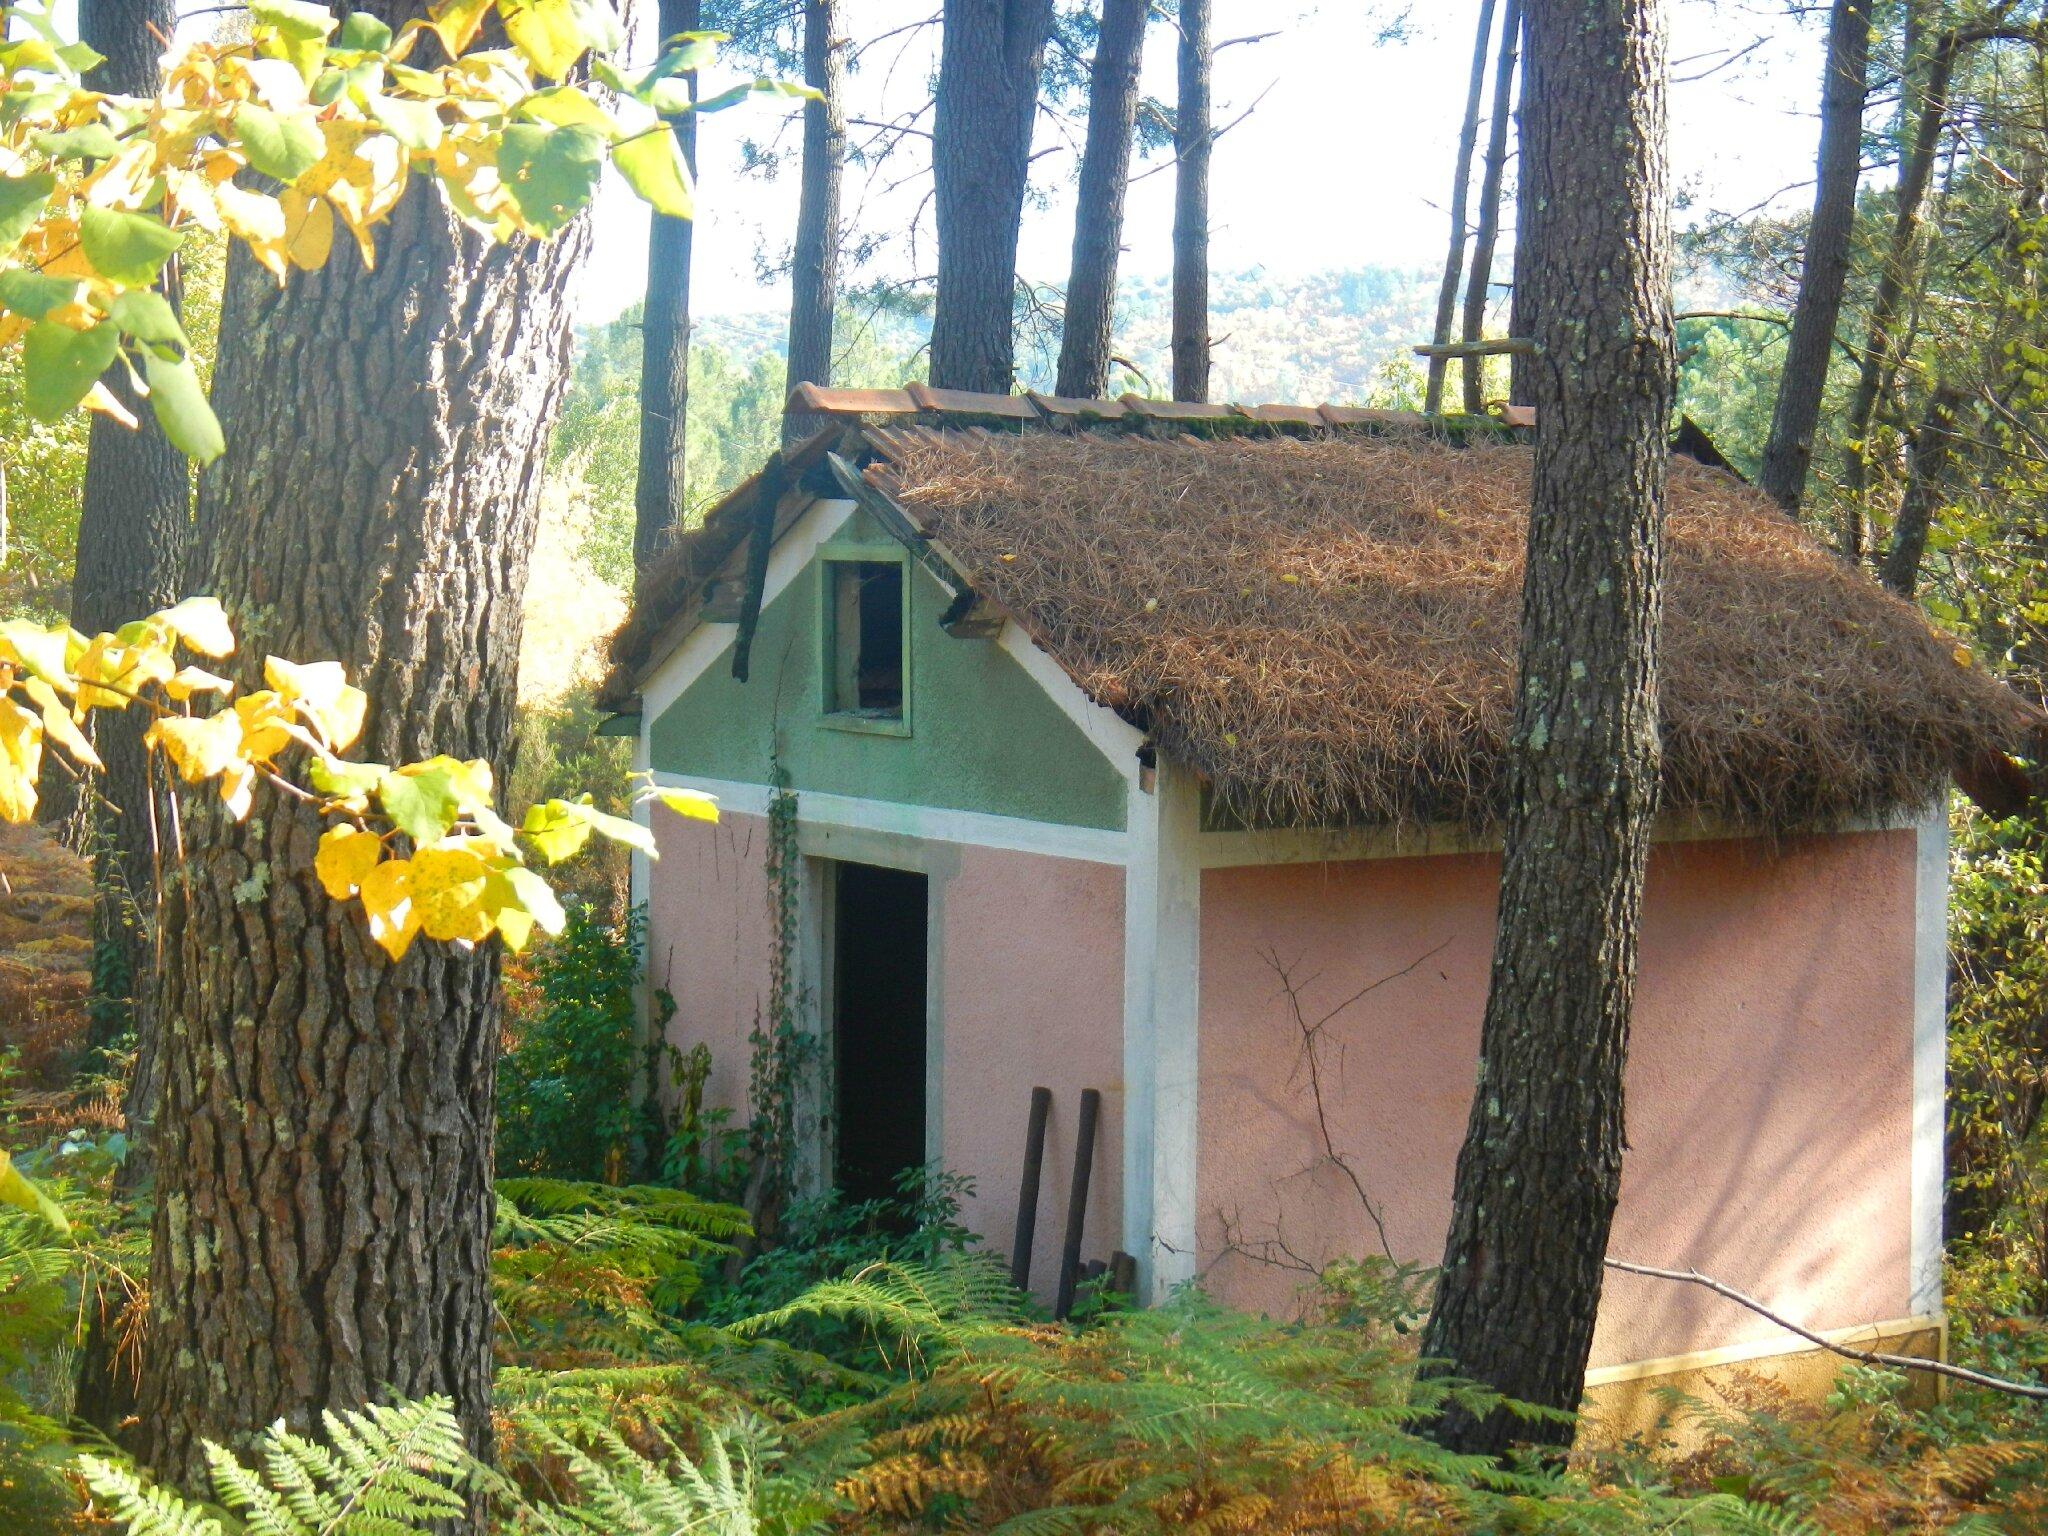 cabane rose aux aiguilles de pin